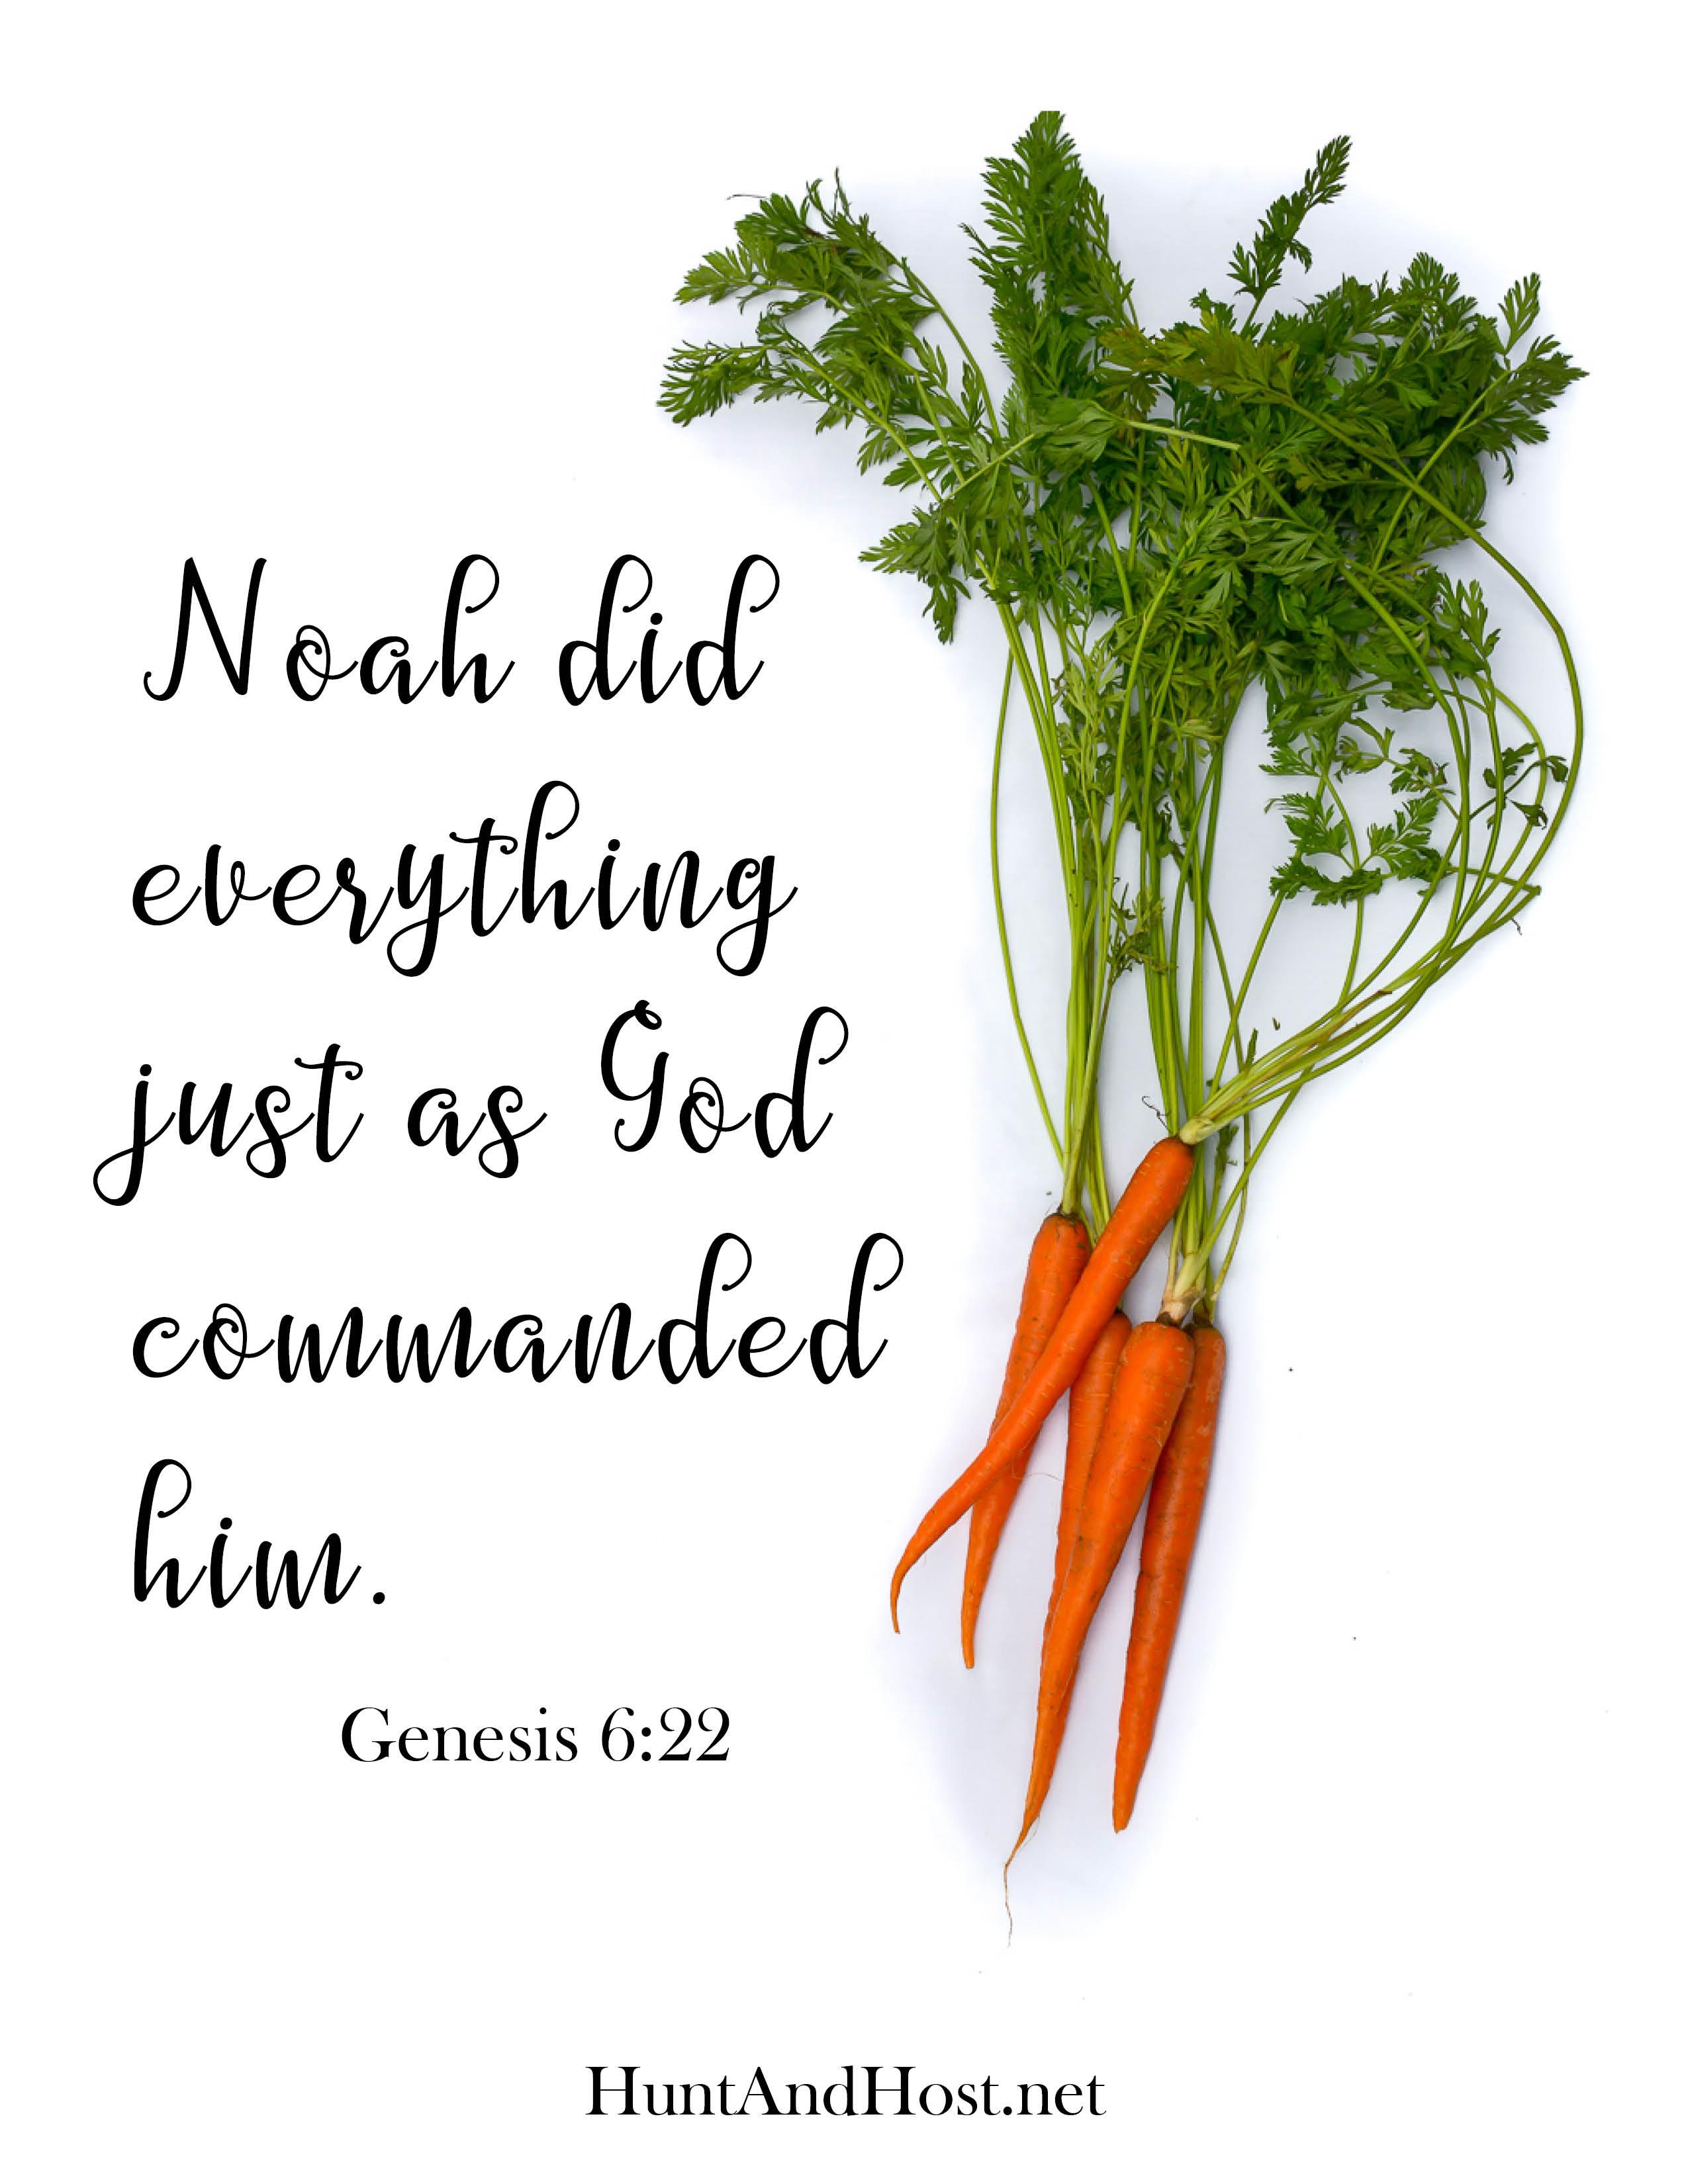 June 2018 Free Printable Bible Verse Genesis 6:22